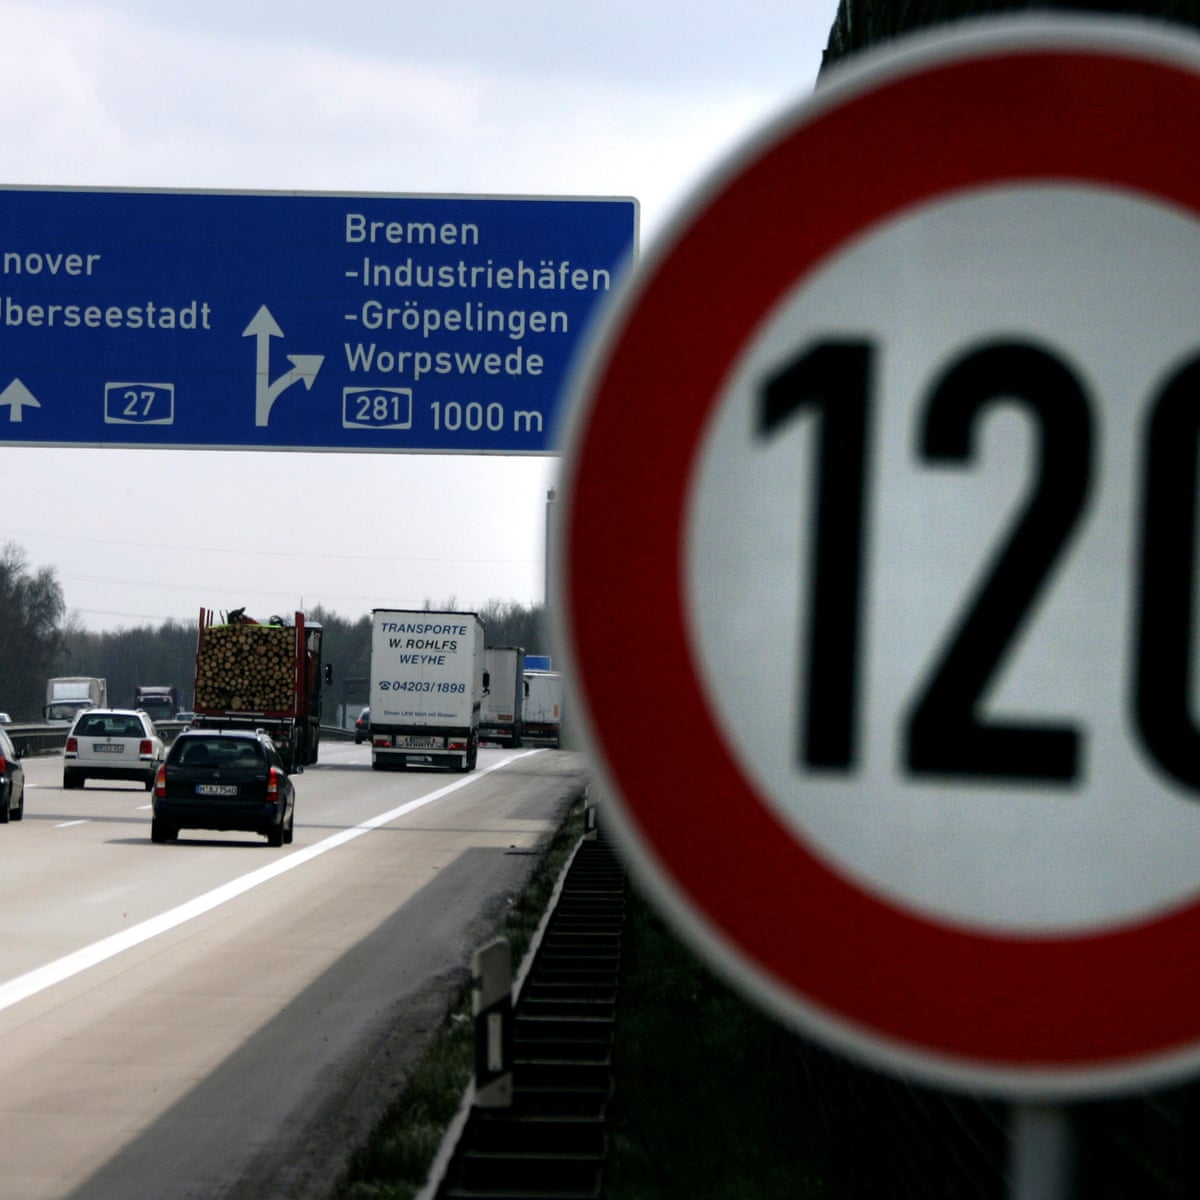 بررسی قوانین راهنمایی و رانندگی در جهان